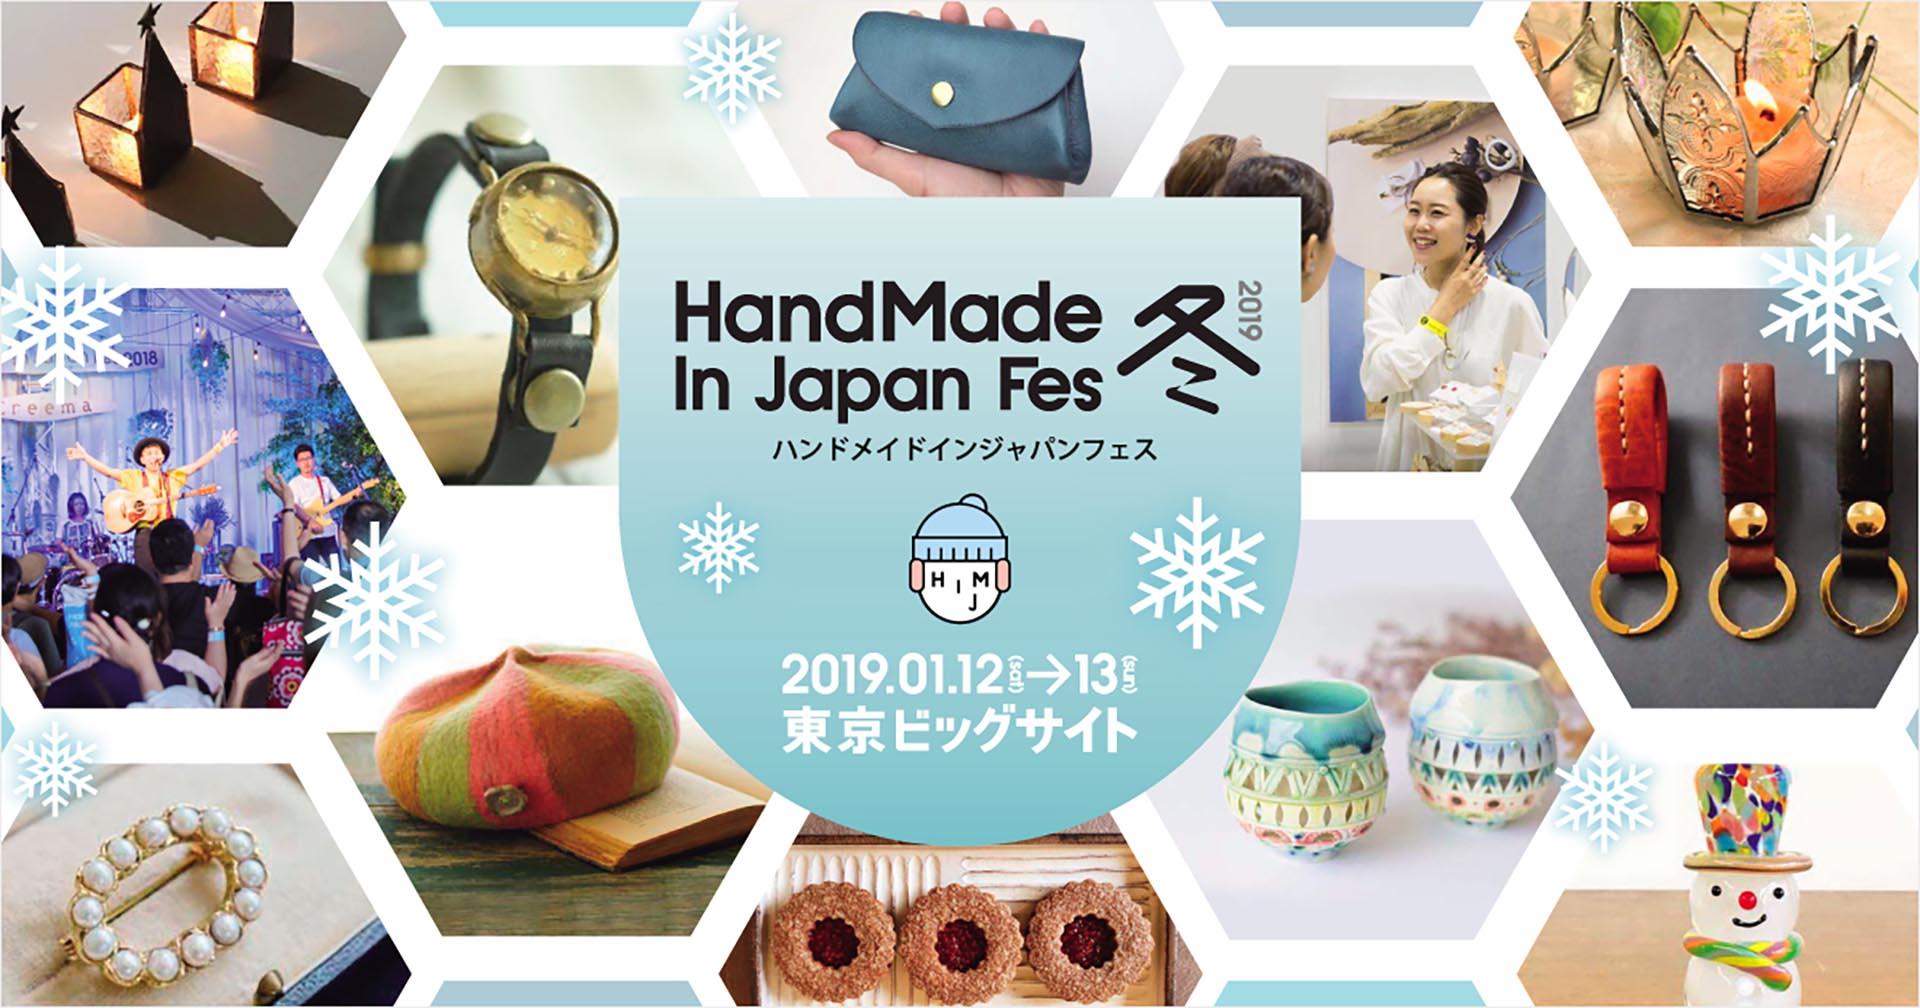 ハンドメイドインジャパンフェス お出かけ